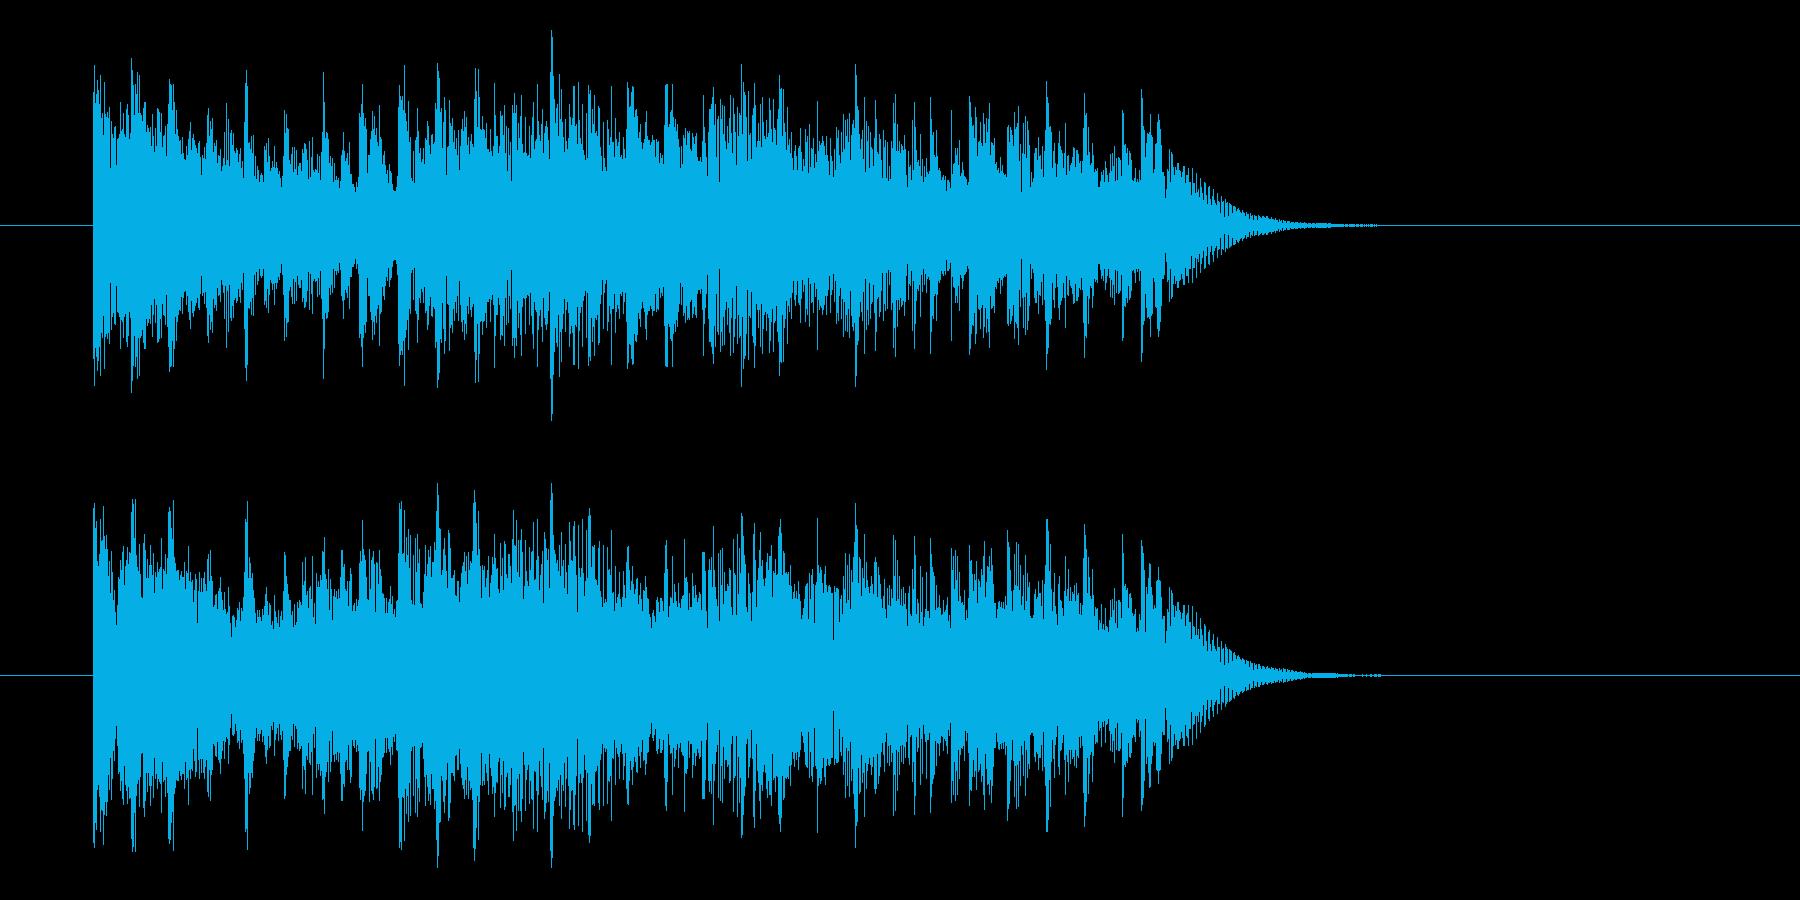 少し短い重みのあるアップテンポ曲の再生済みの波形